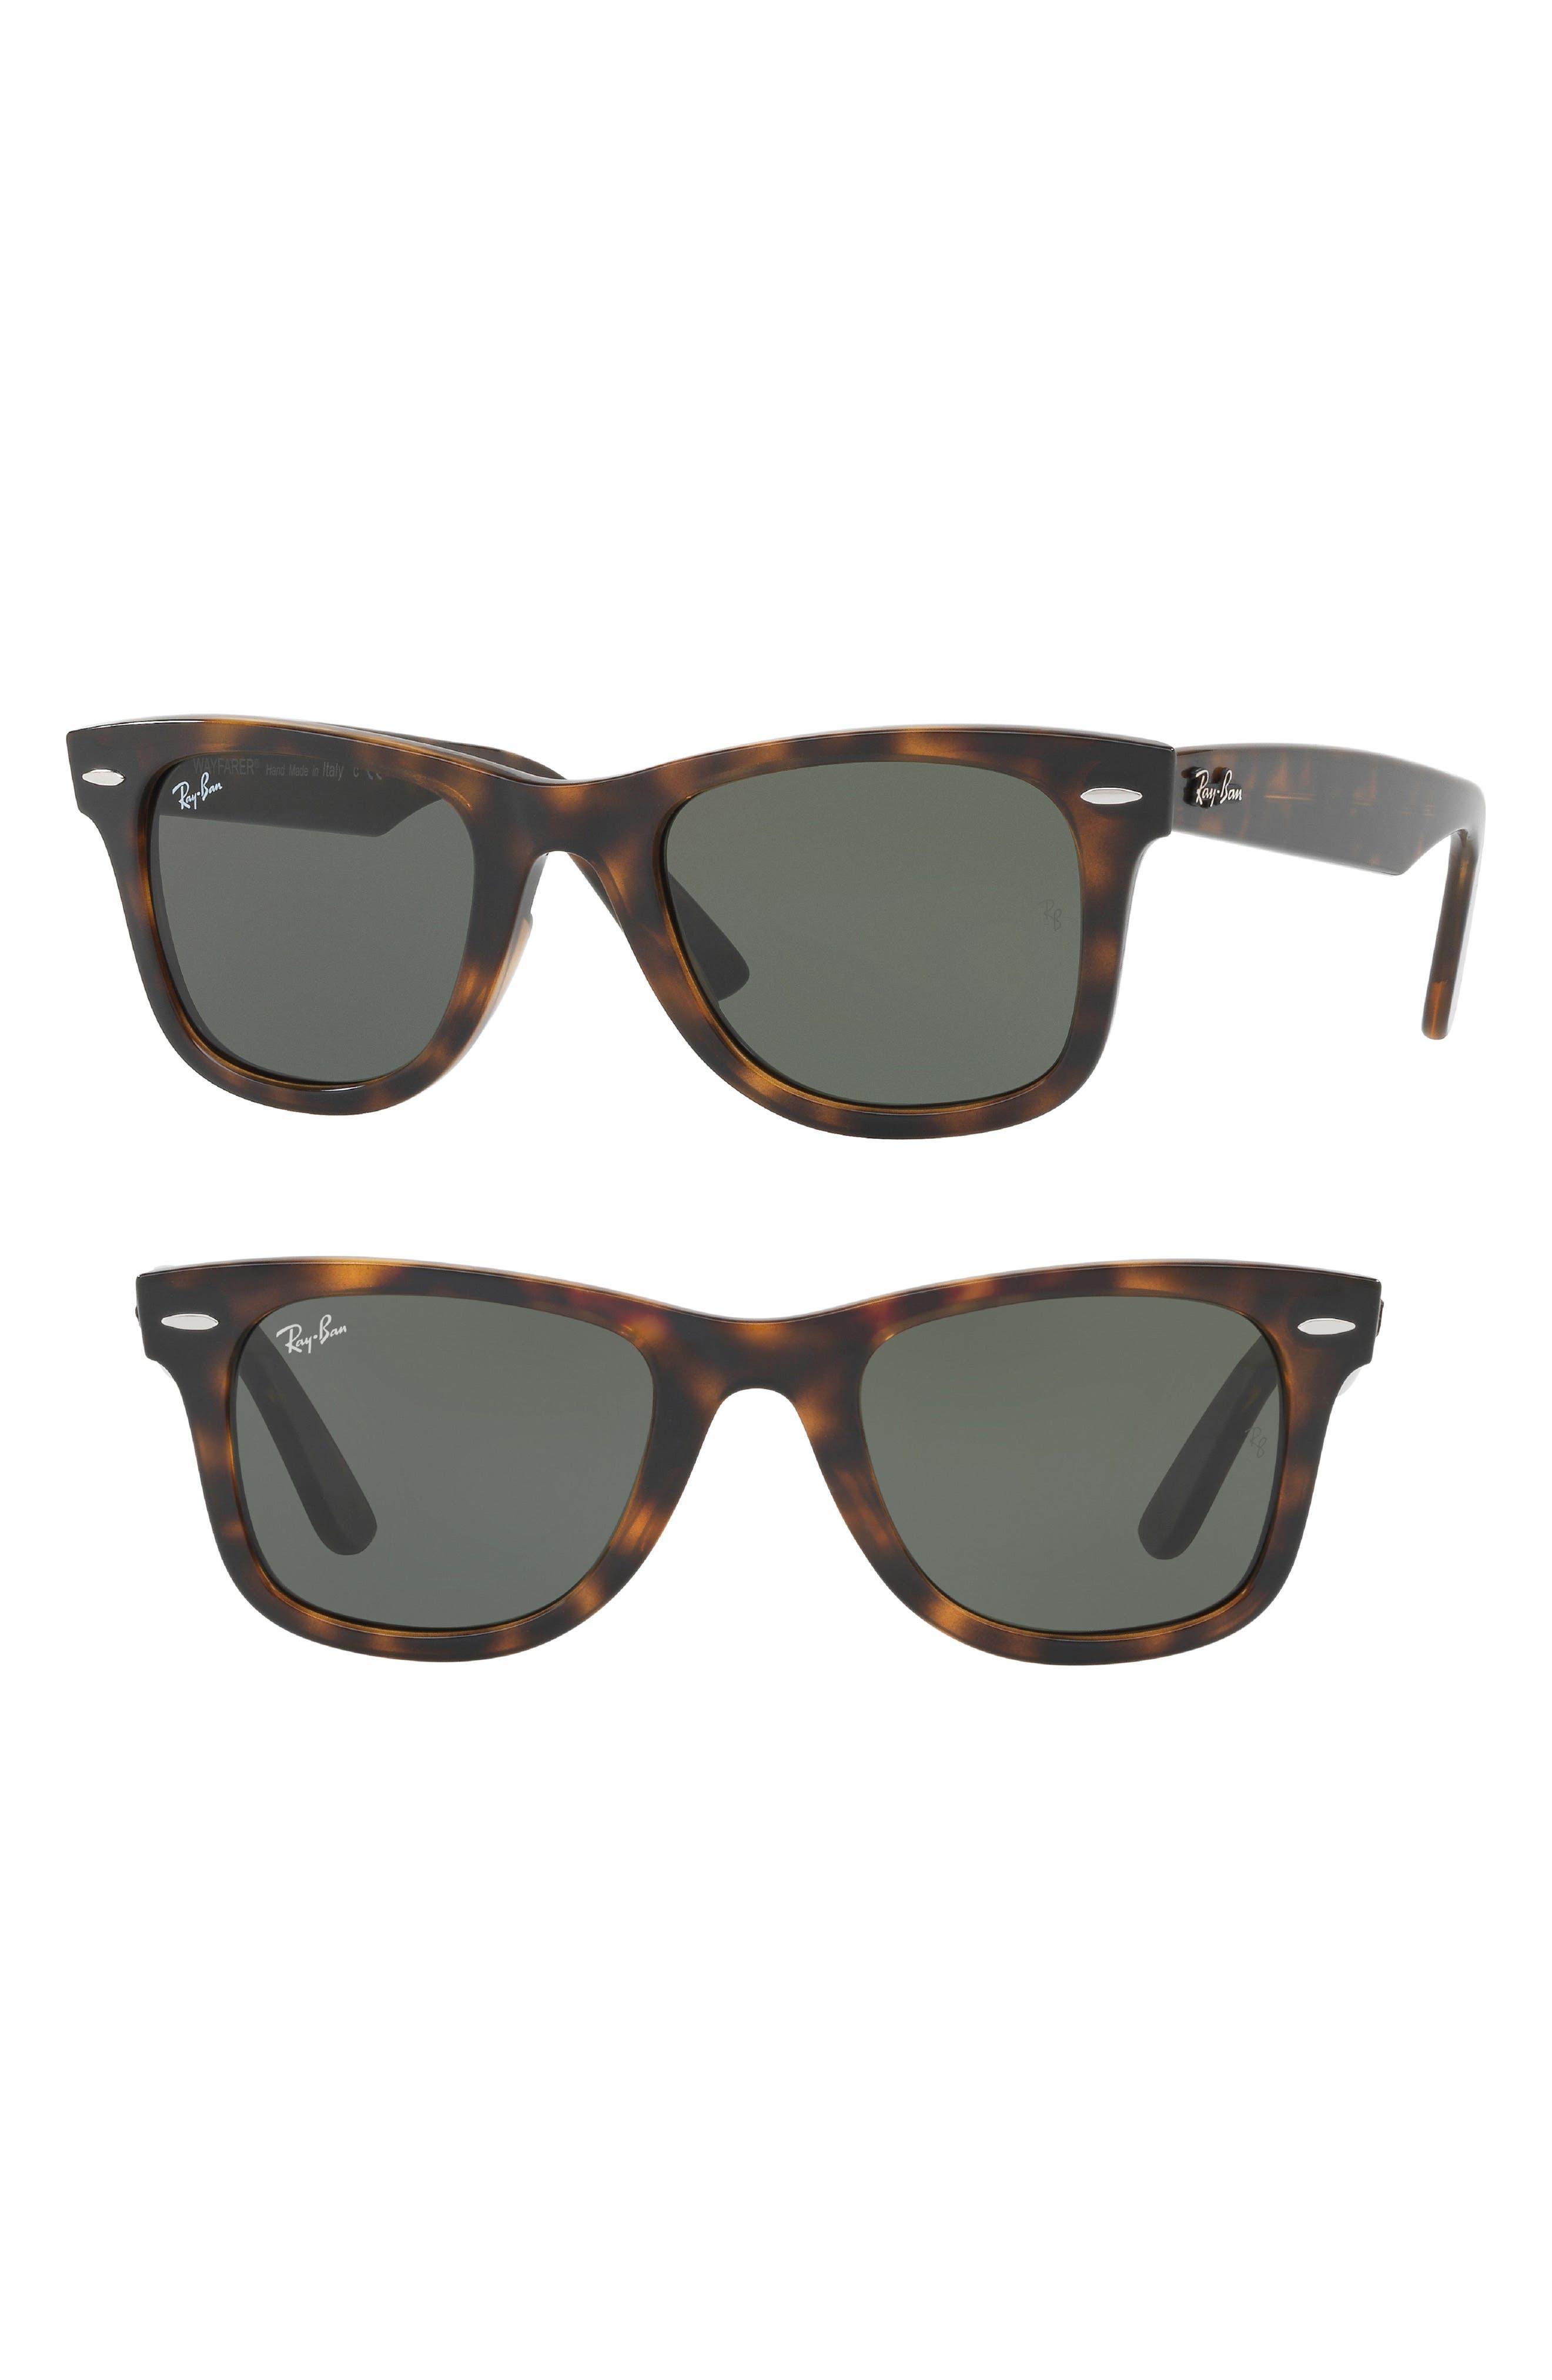 Wayfarer Ease 50mm Sunglasses,                             Main thumbnail 1, color,                             200